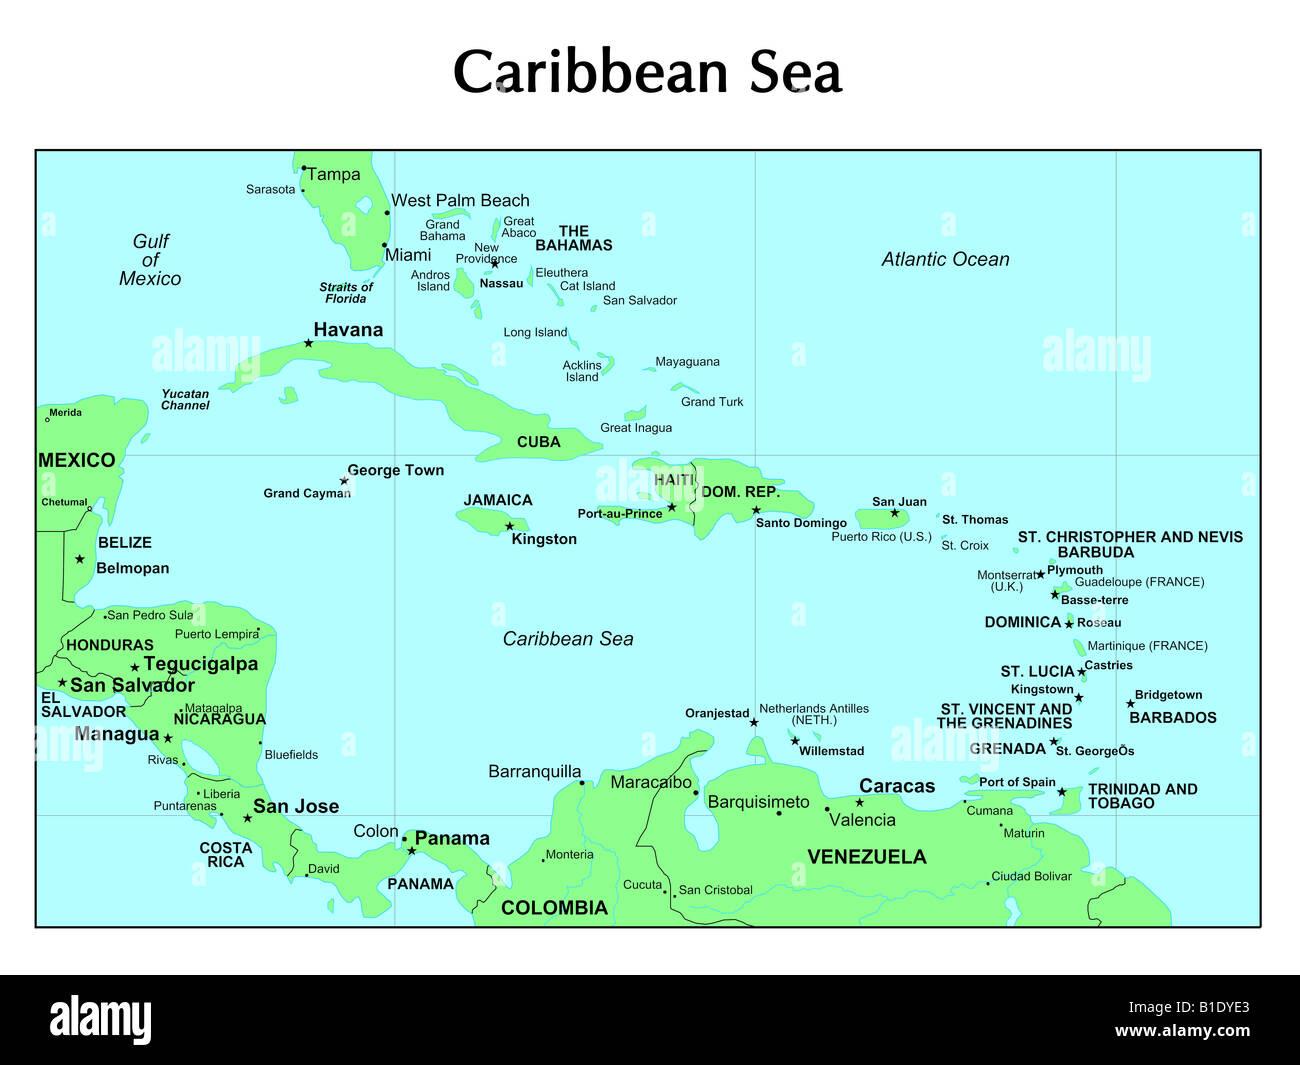 Caribbean Sea Map Stock Photos & Caribbean Sea Map Stock Images - Alamy